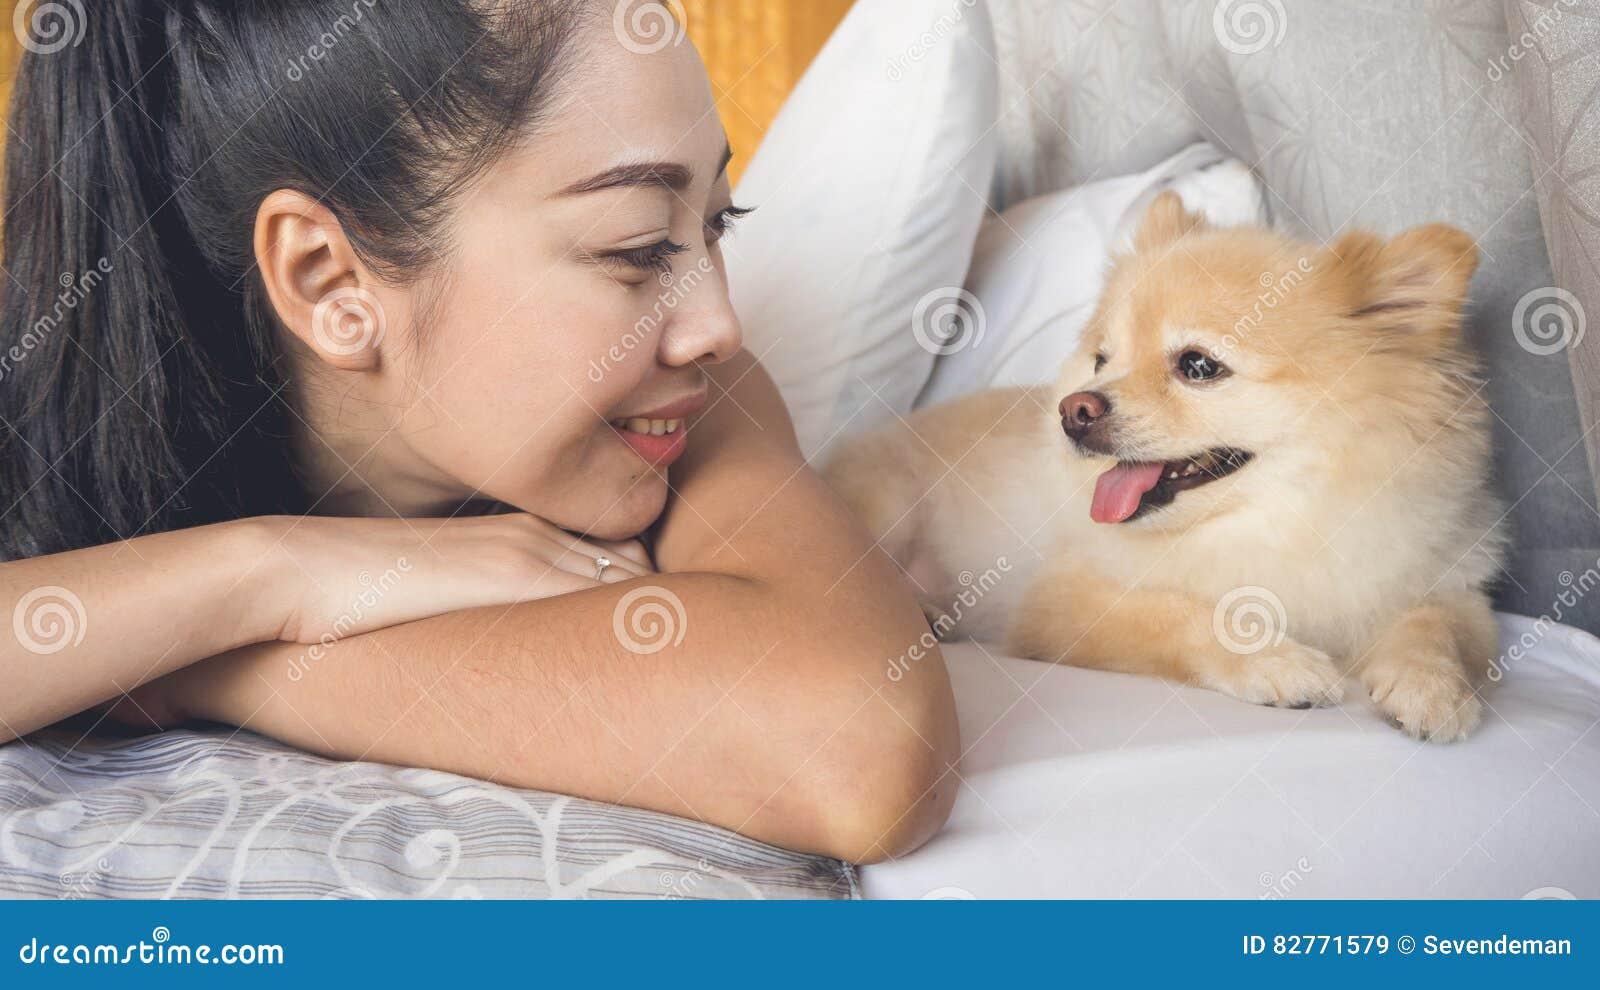 Frau Entspannen Sich Mit Hund Im Schlafzimmer Stockbild - Bild von ...